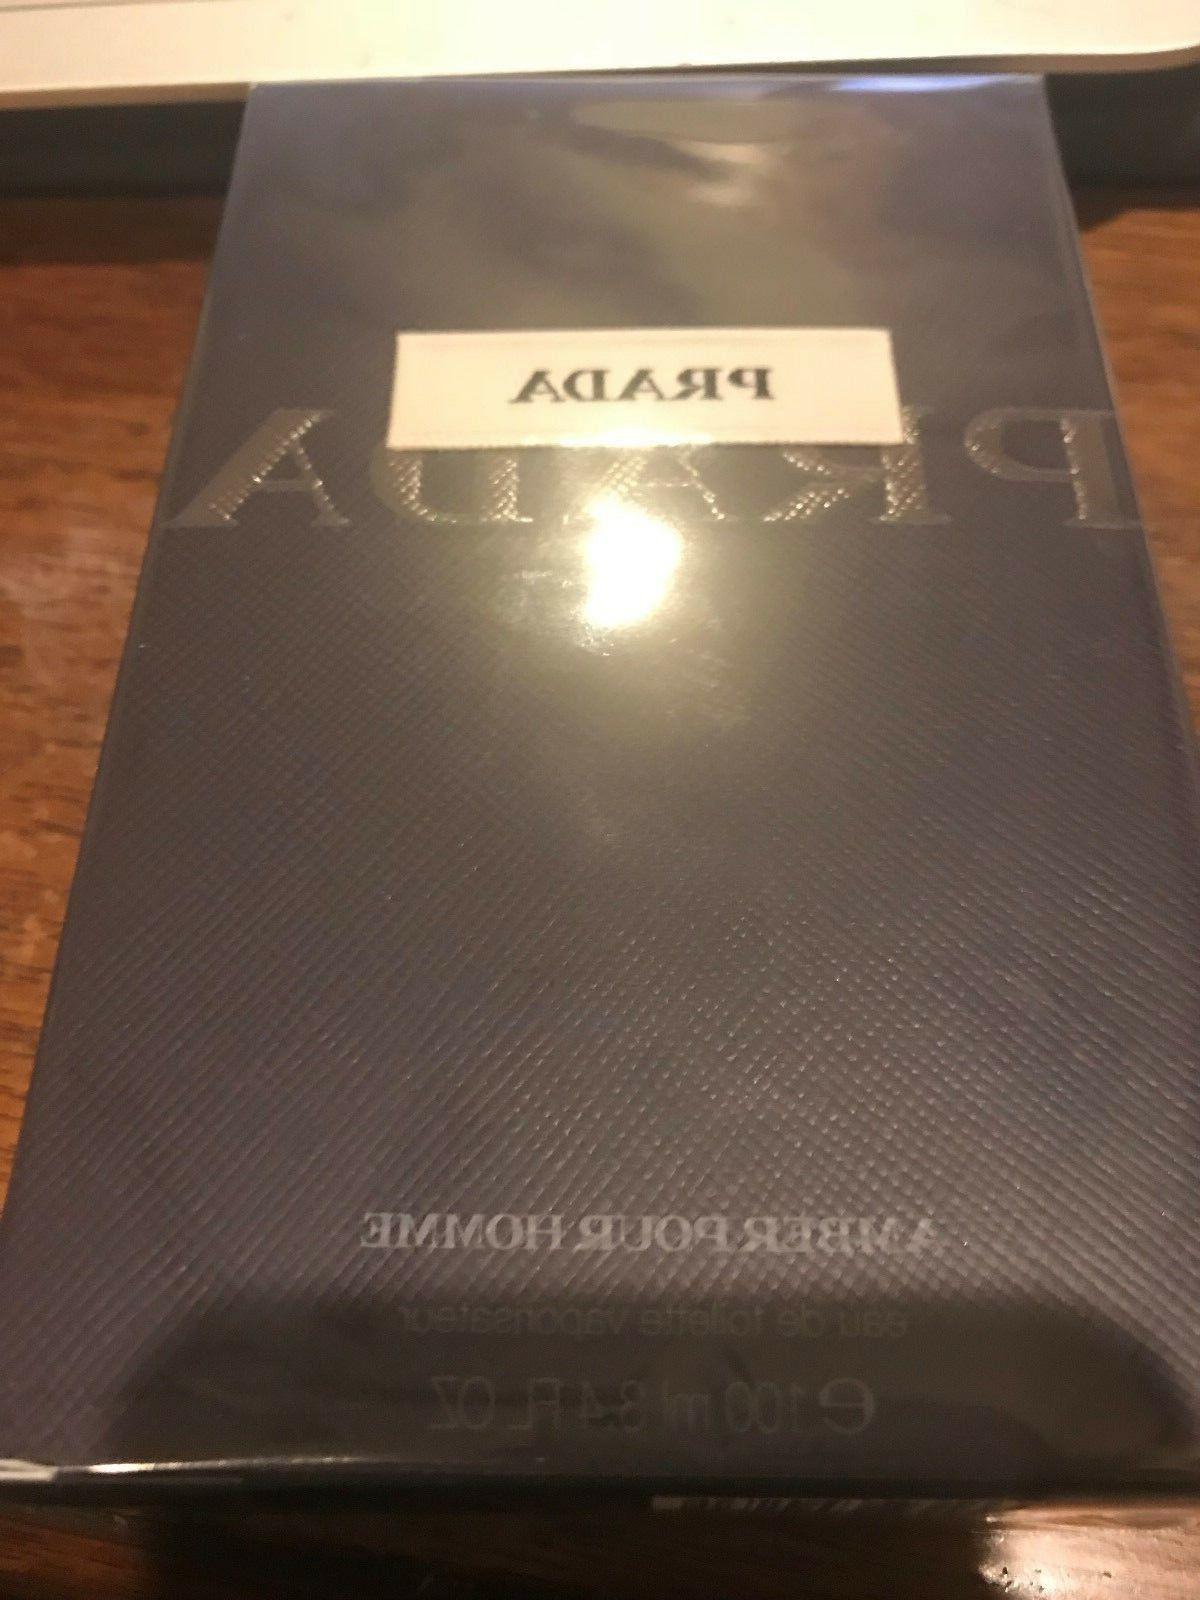 Prada Amber Pour Homme Cologne for Men 3.4 Fl oz Eau De Toil